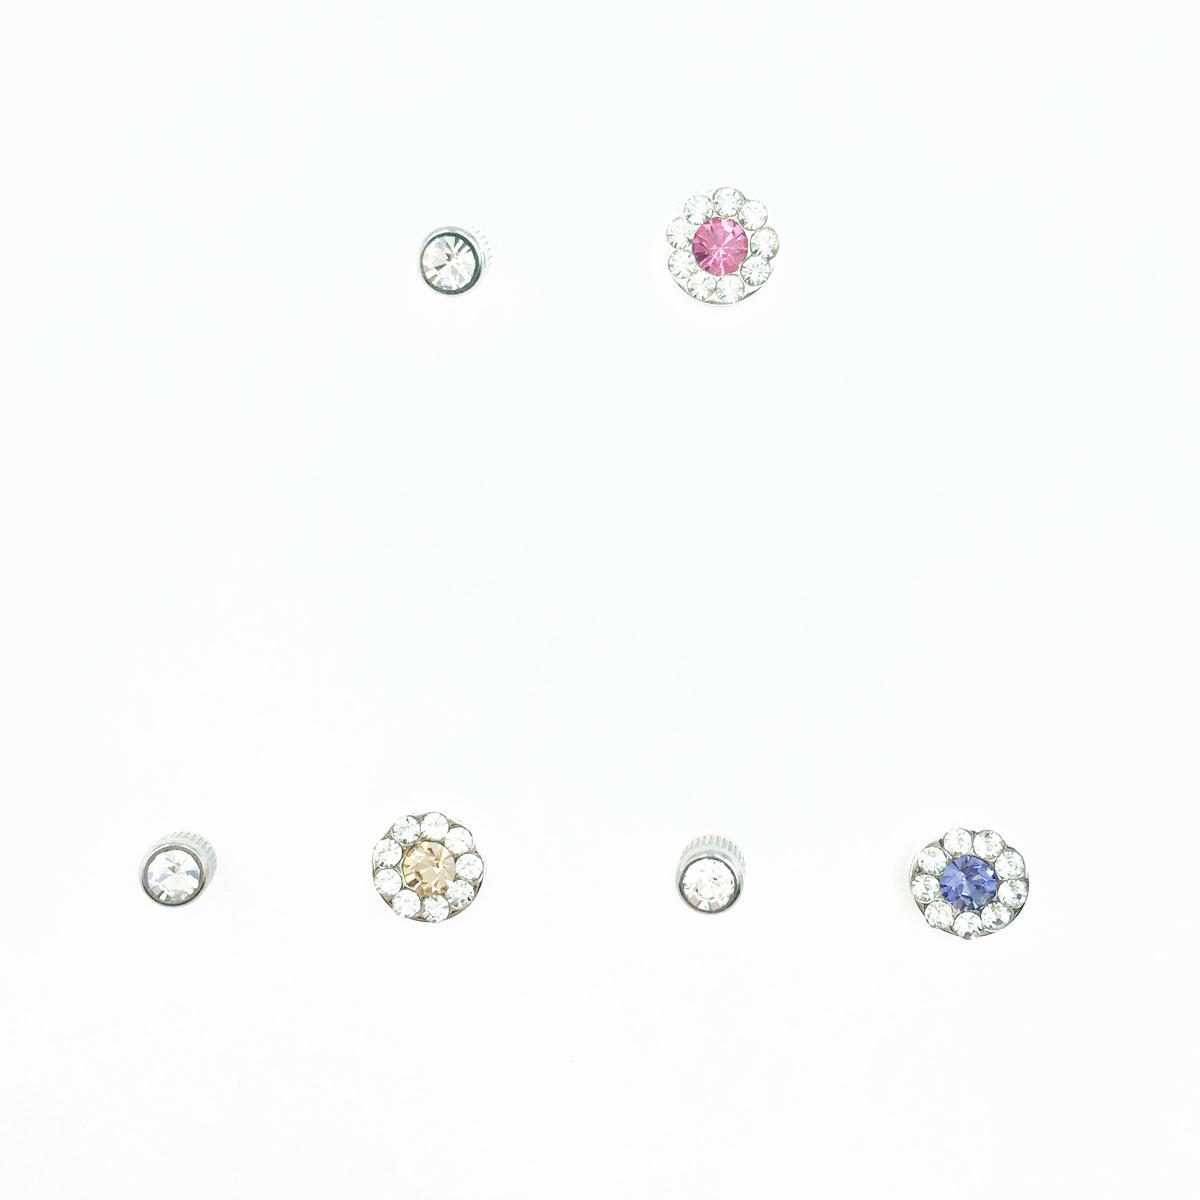 不鏽鋼 水鑽 圓鑽 單鑽 3色 後轉式針式耳環